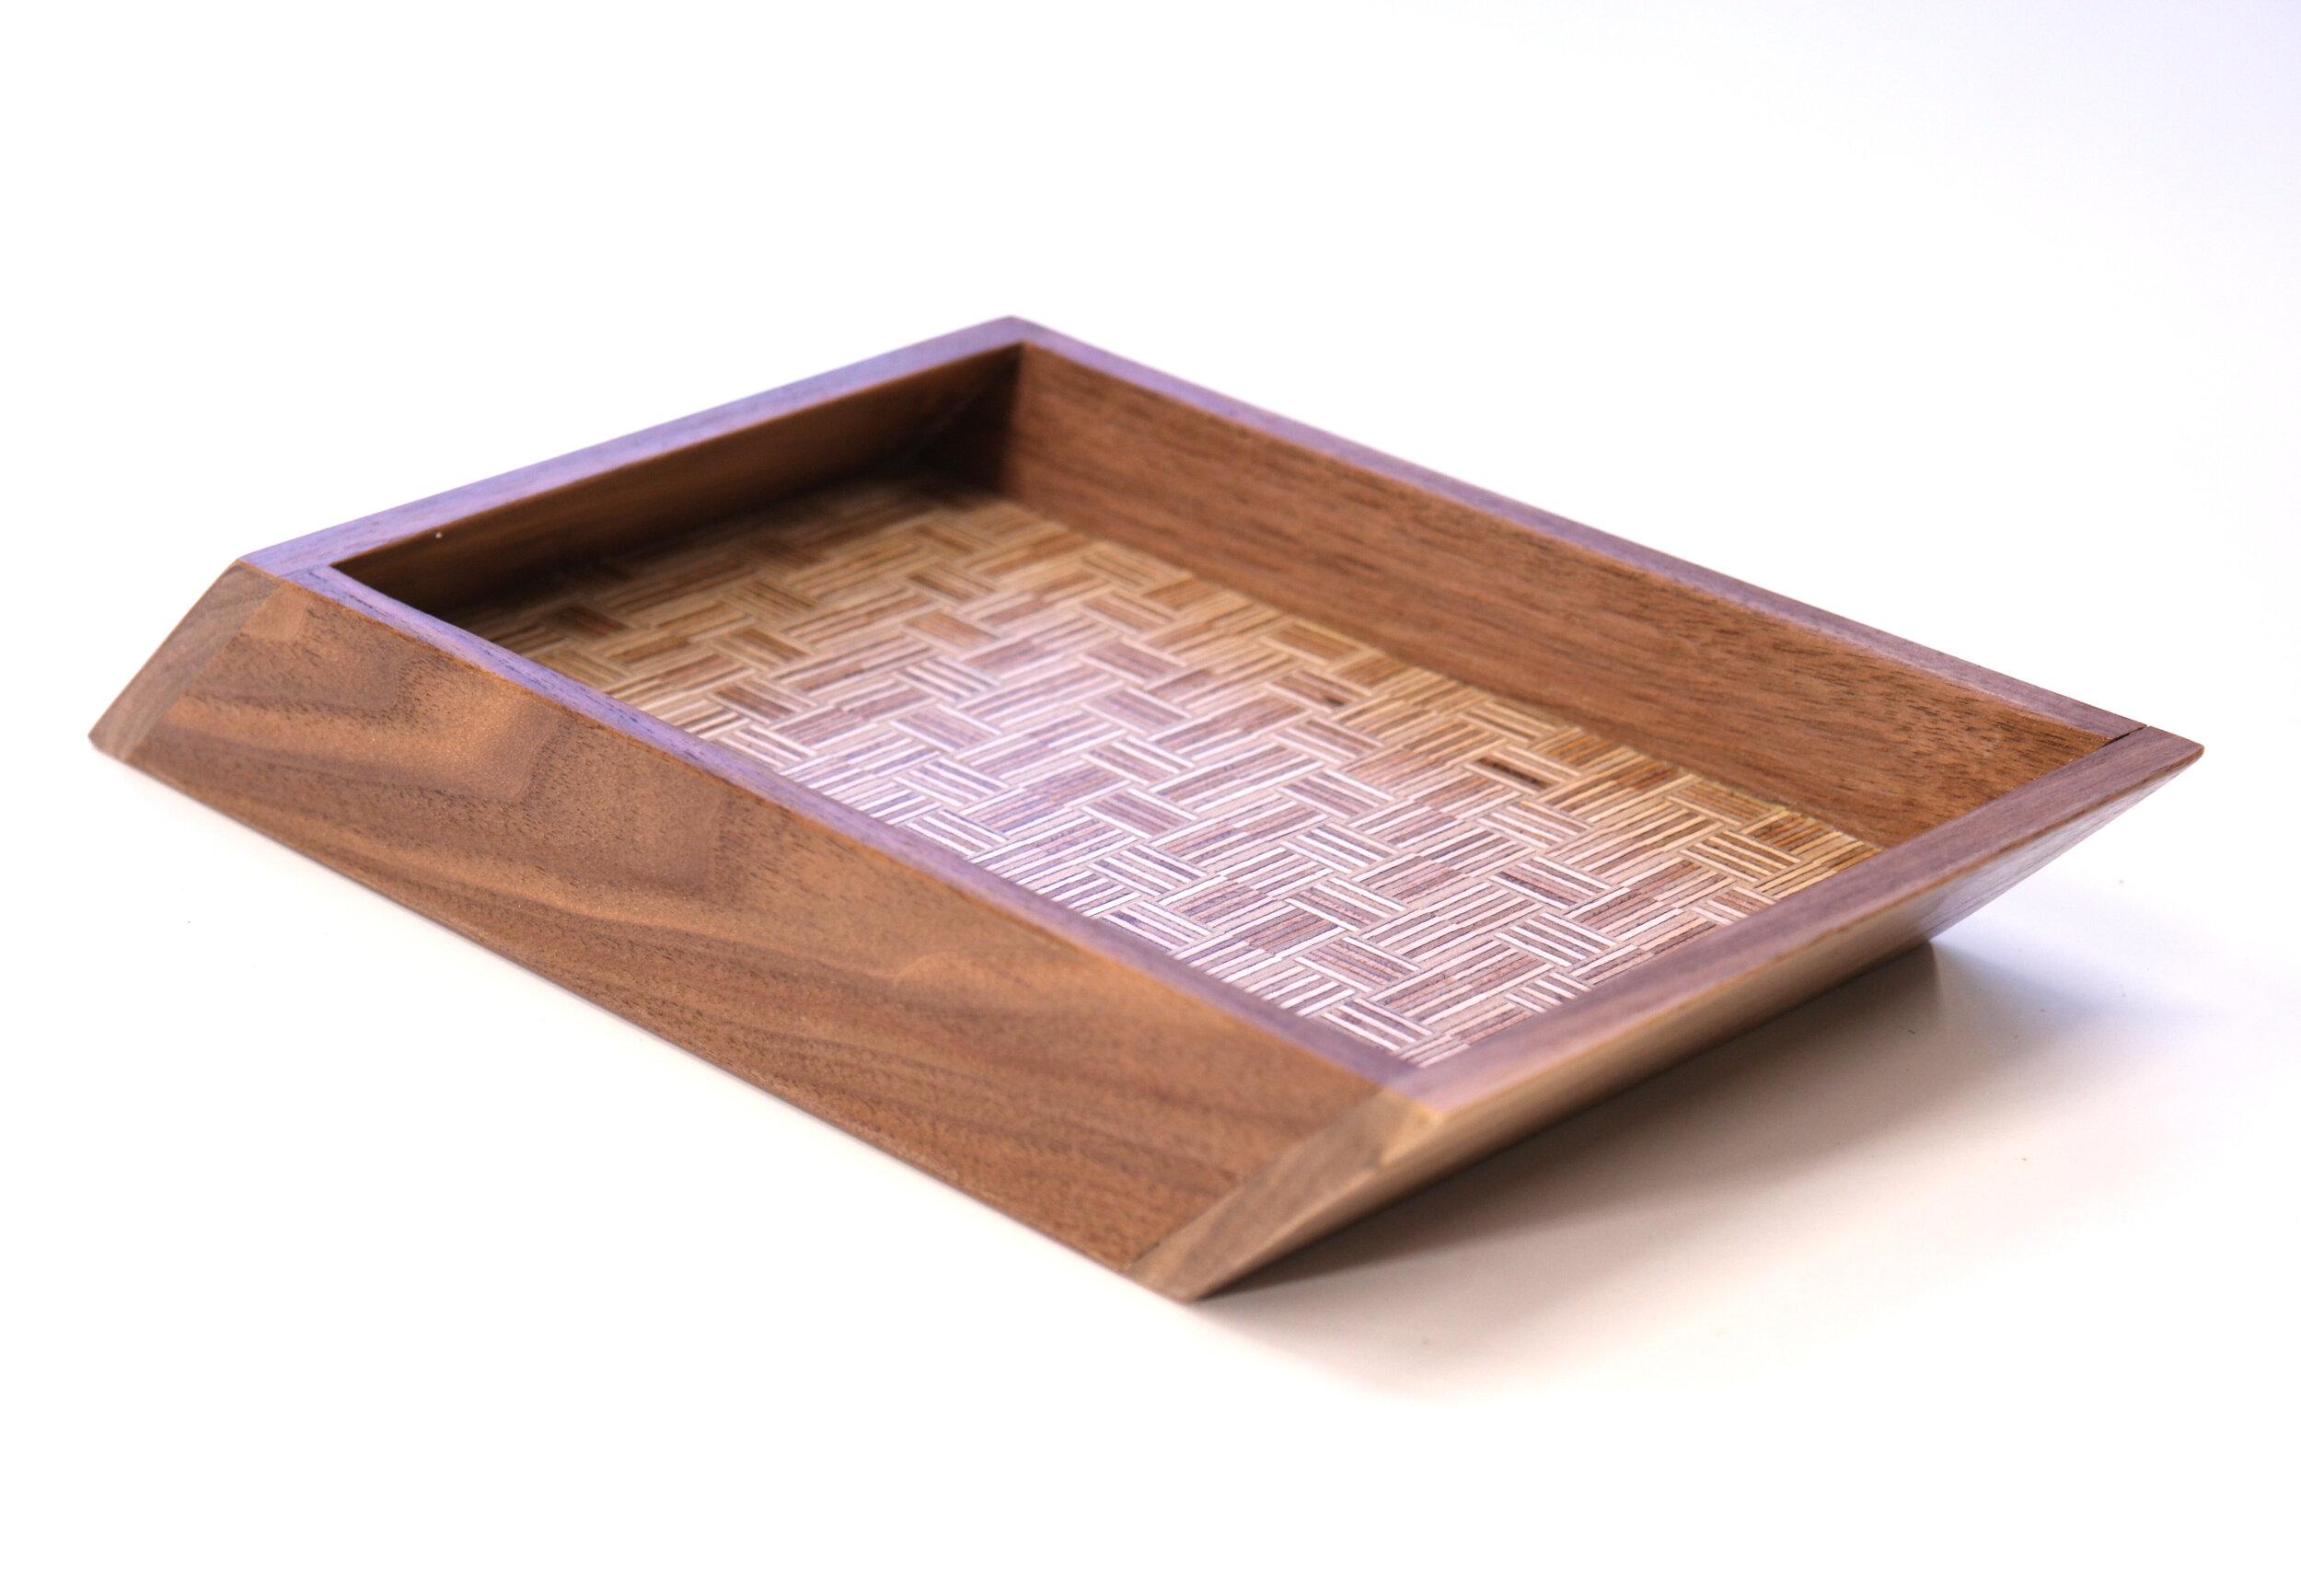 Basket Weave 1 - https://www.ebay.com/itm/333336243873